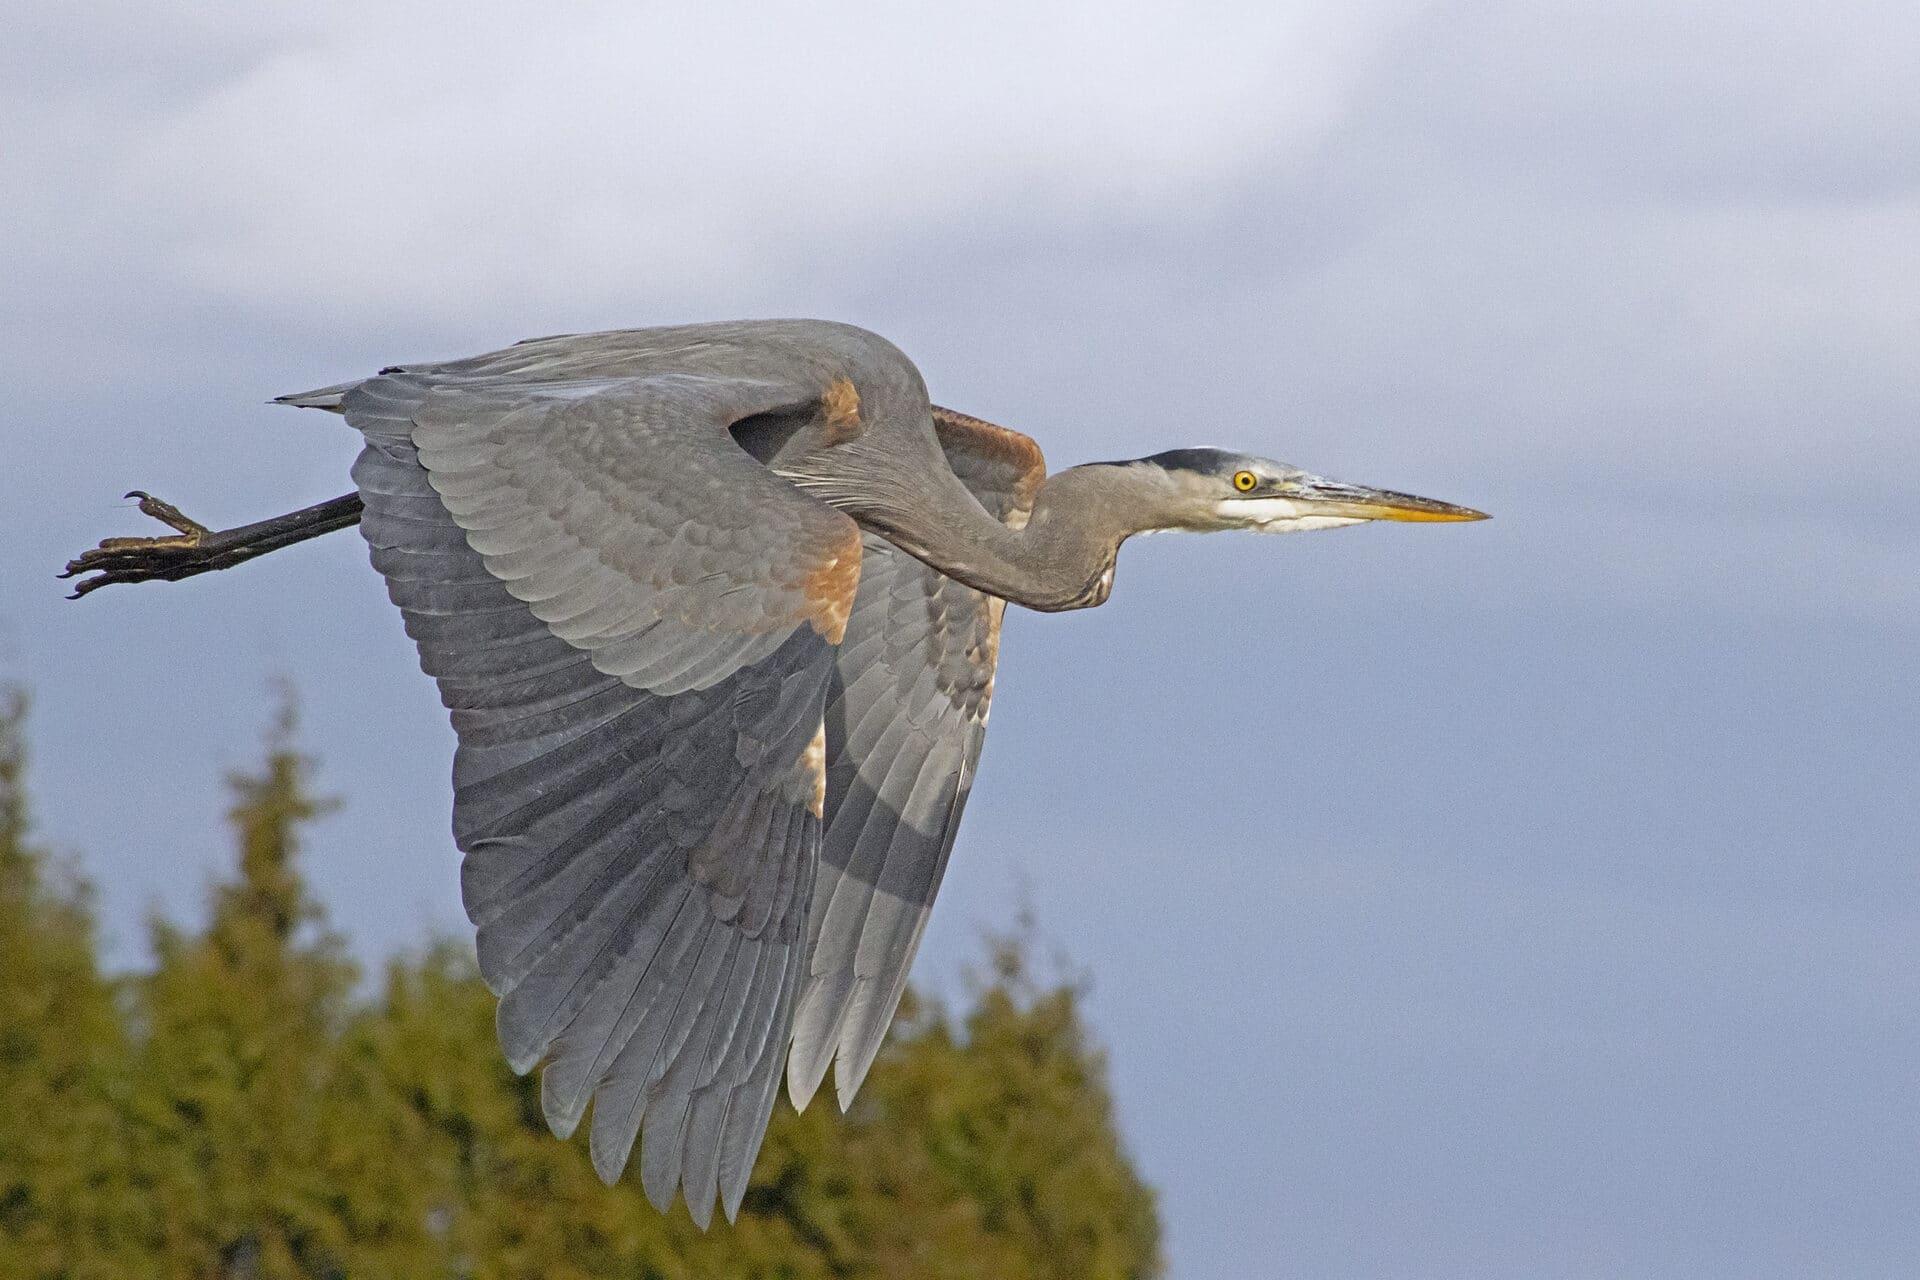 Great Blue Heron in Flight, March 26, 2021